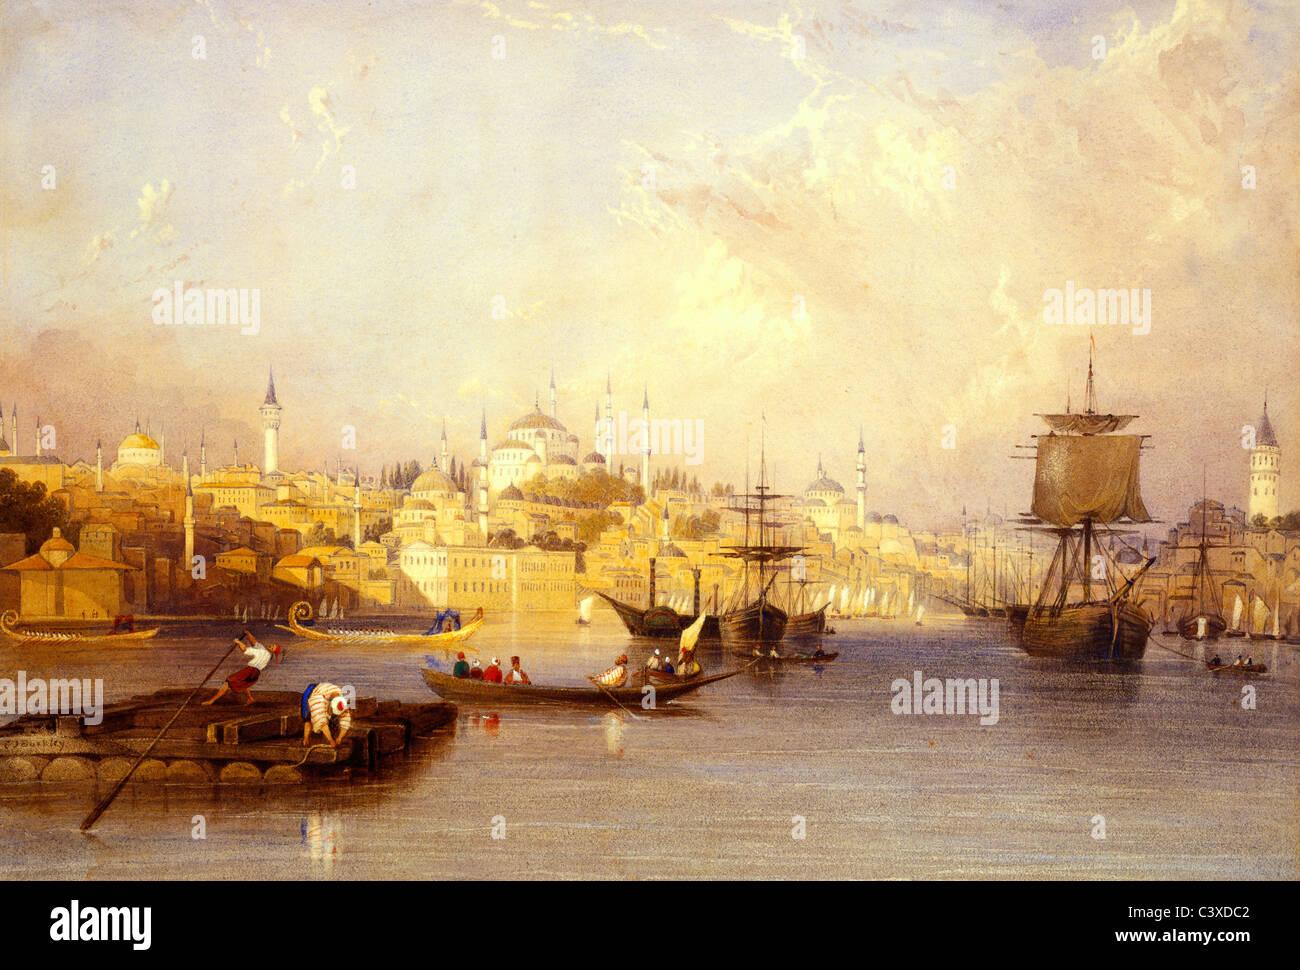 Constantinople: De l'entrée de la Corne, par Charles F. Buckley. Constantinople, Turquie, 19e siècle Banque D'Images